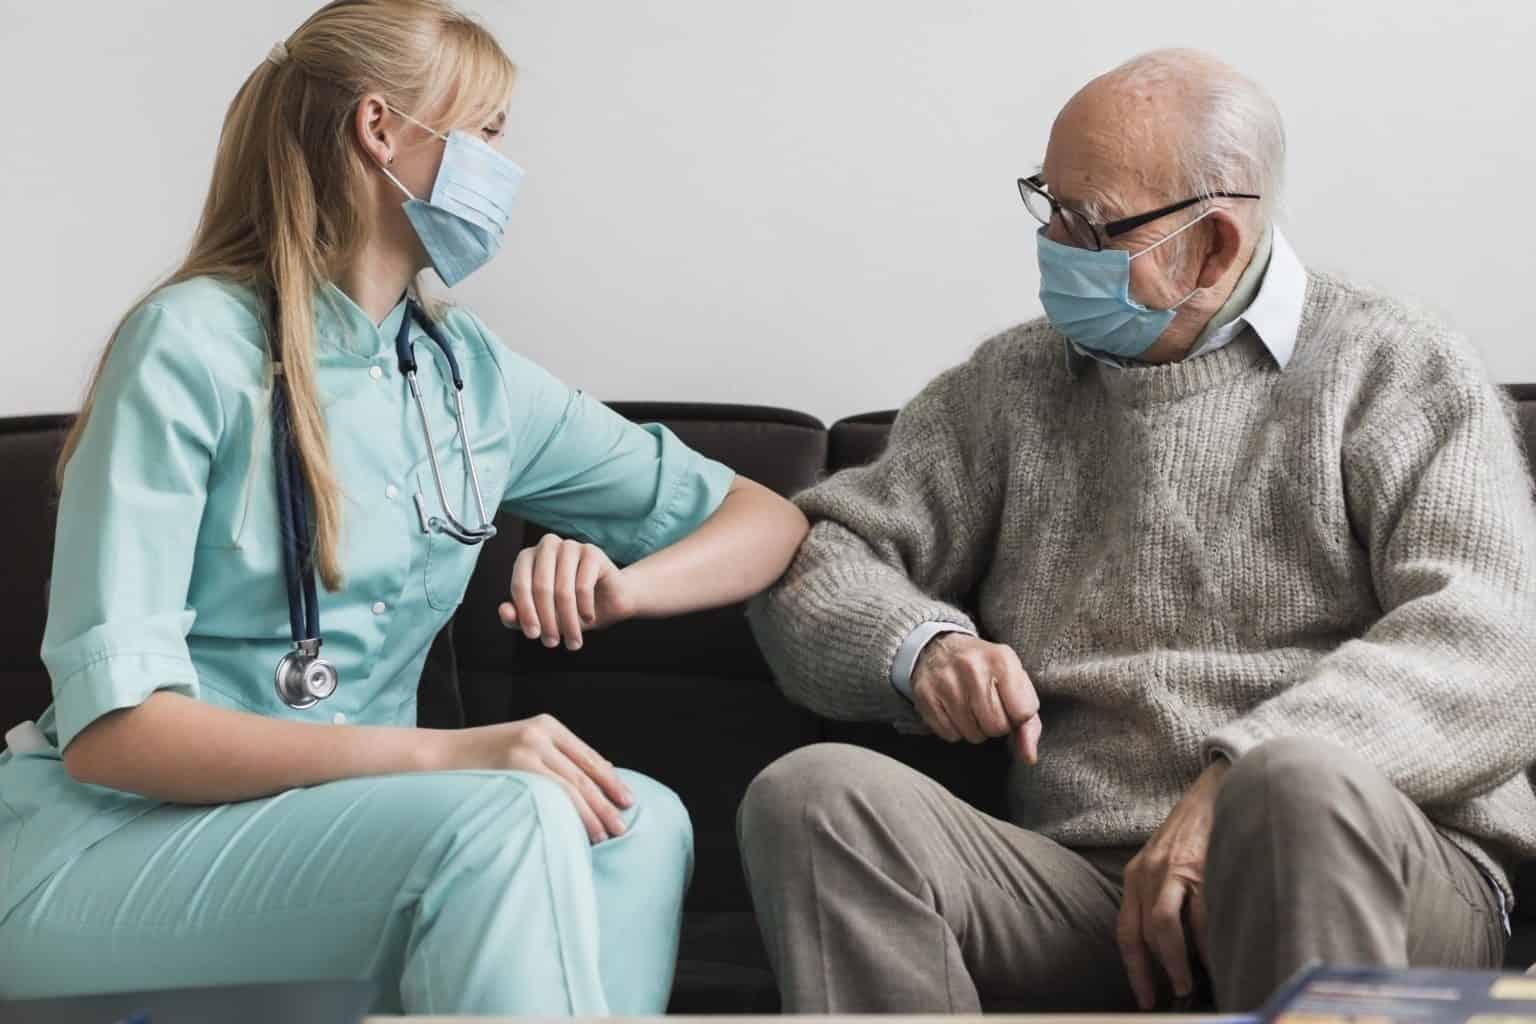 female-nurse-elbow-touching-old-man-during-pandemic